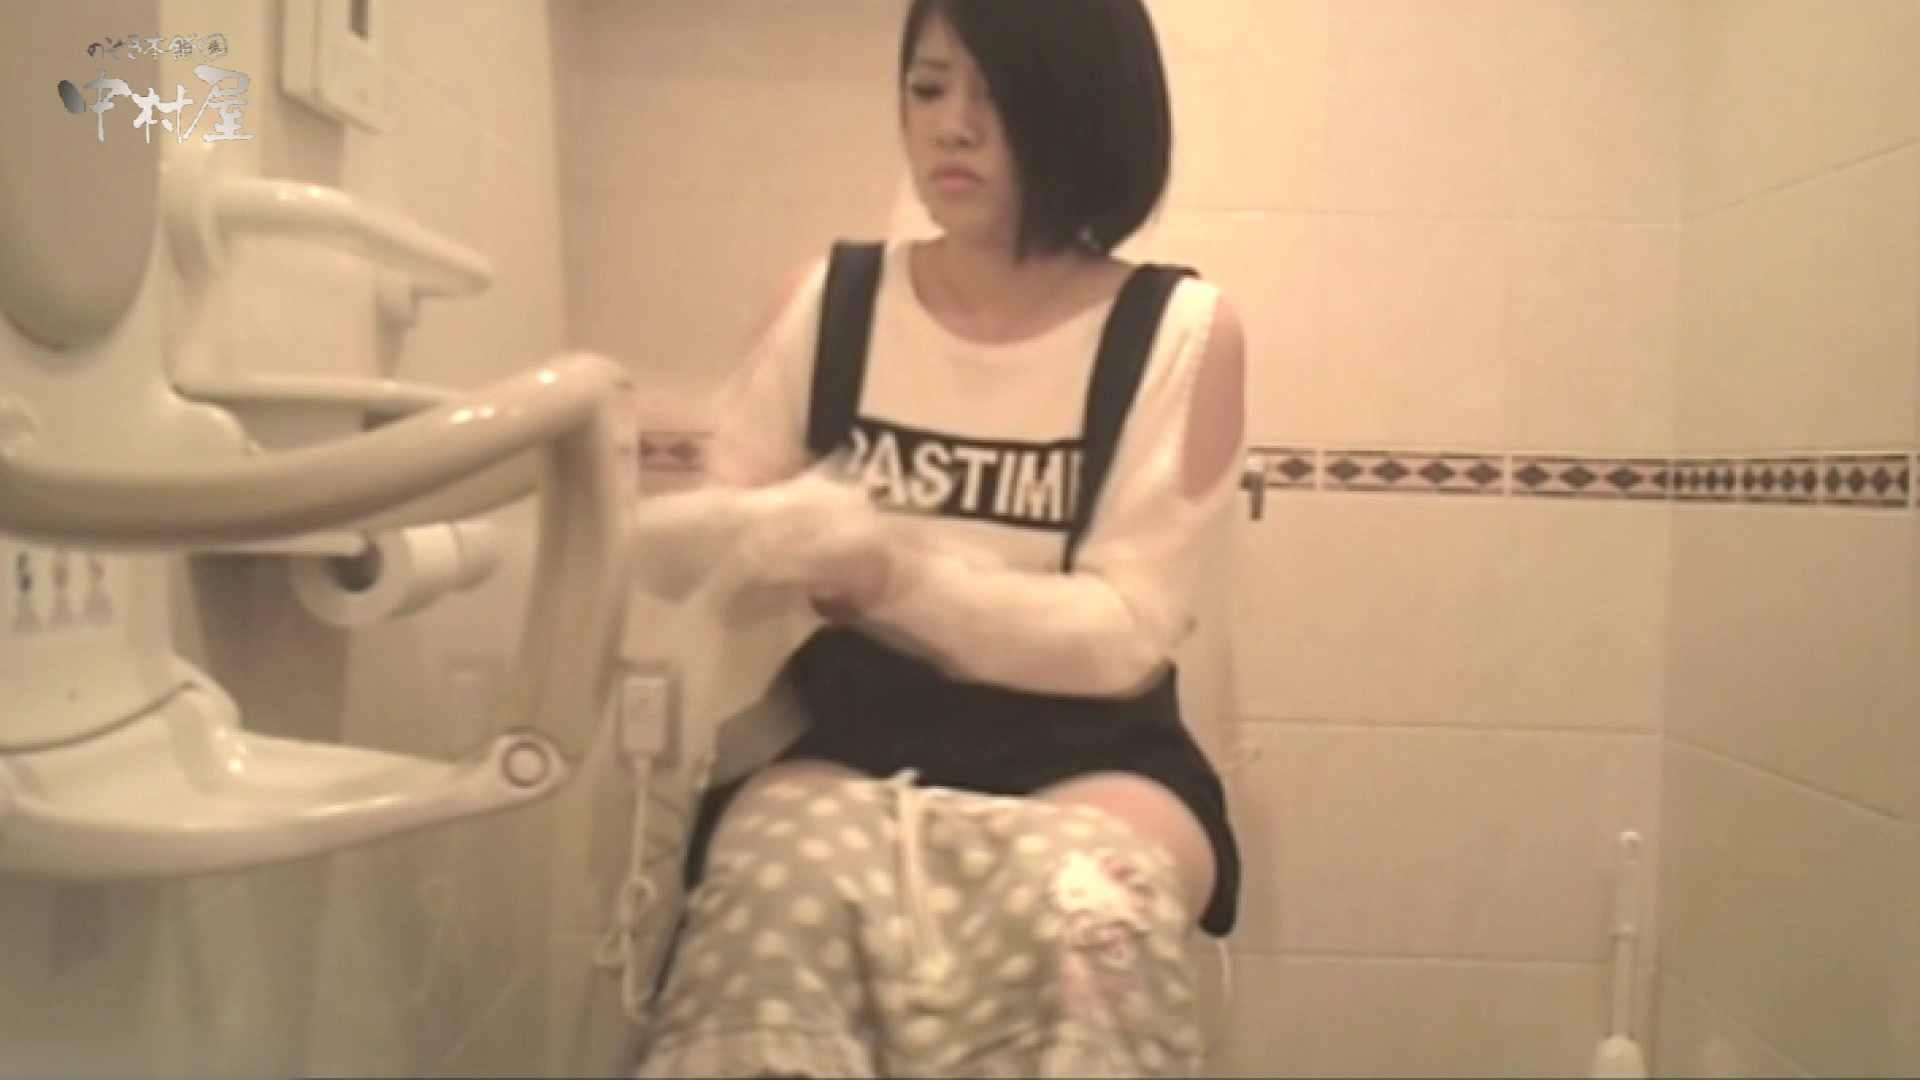 ティーンガールのトイレ覗き‼vol.16 Hなお姉さん オマンコ無修正動画無料 99pic 13